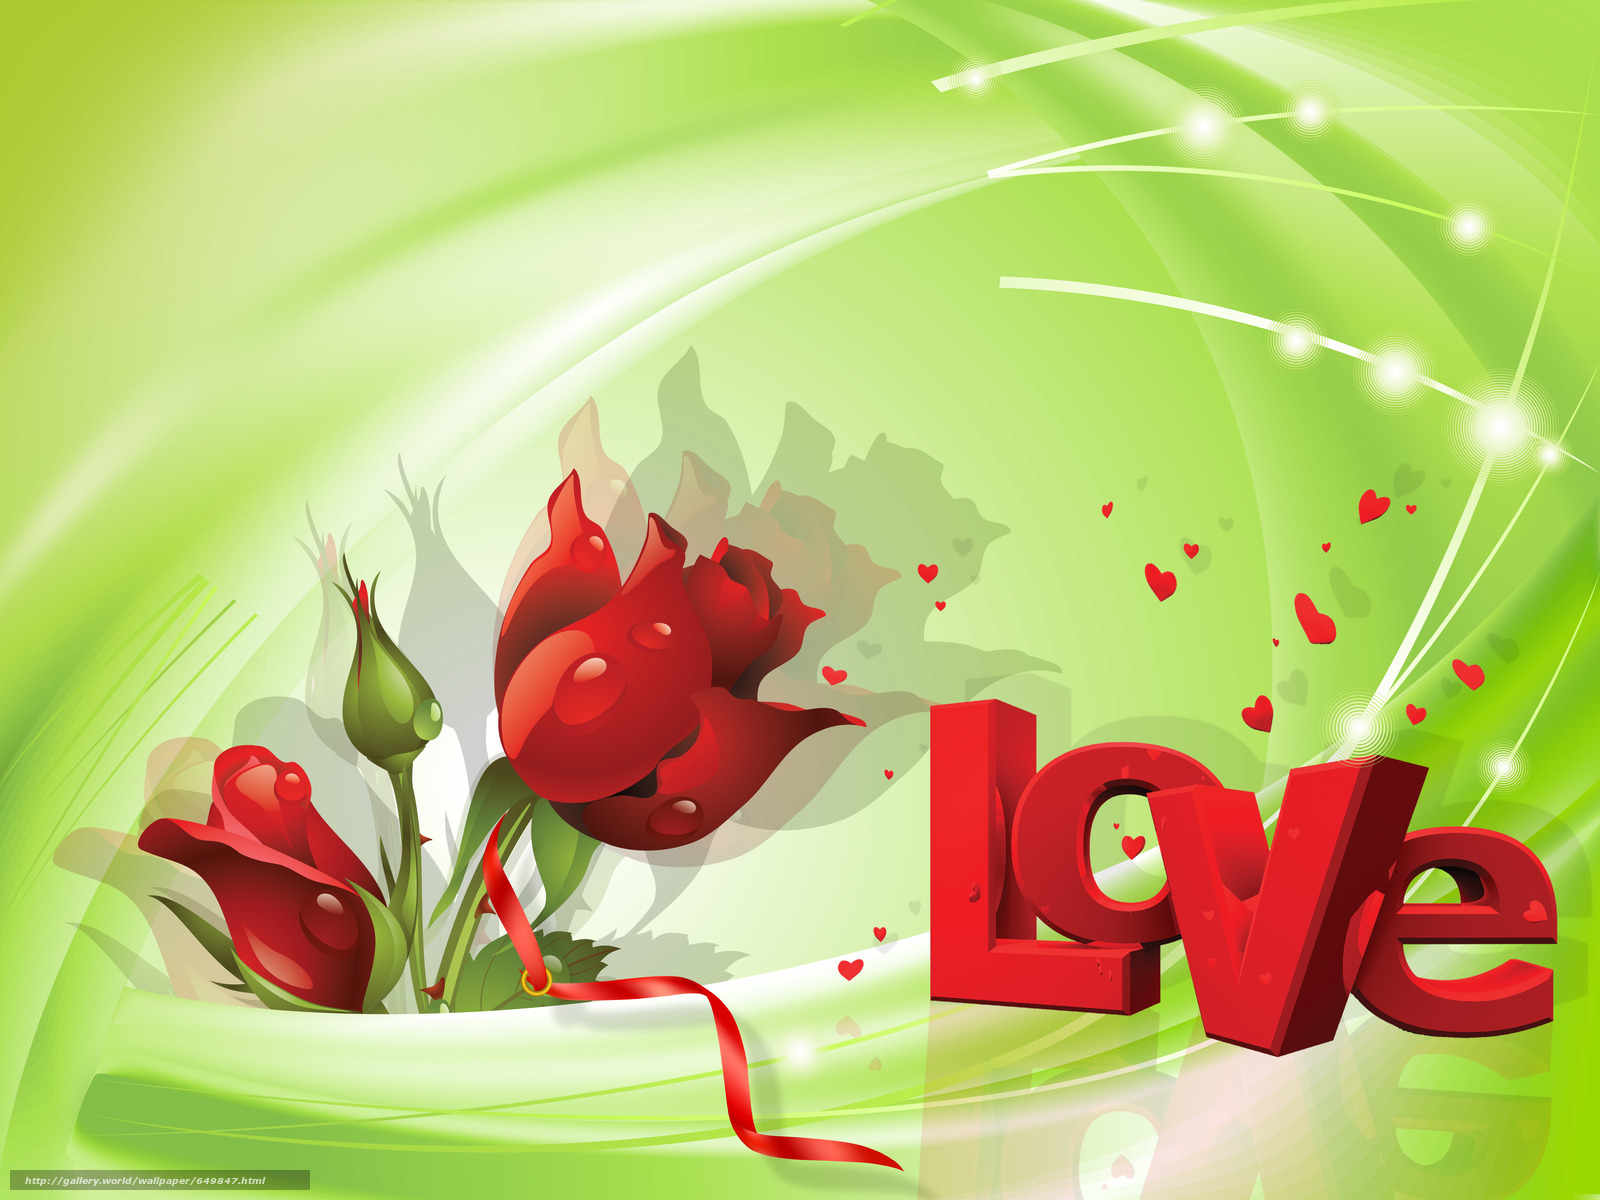 下载壁纸 情人节,  情人节,  情人节,  情人节 免费为您的桌面分辨率的壁纸 5000x3750 — 图片 №649847